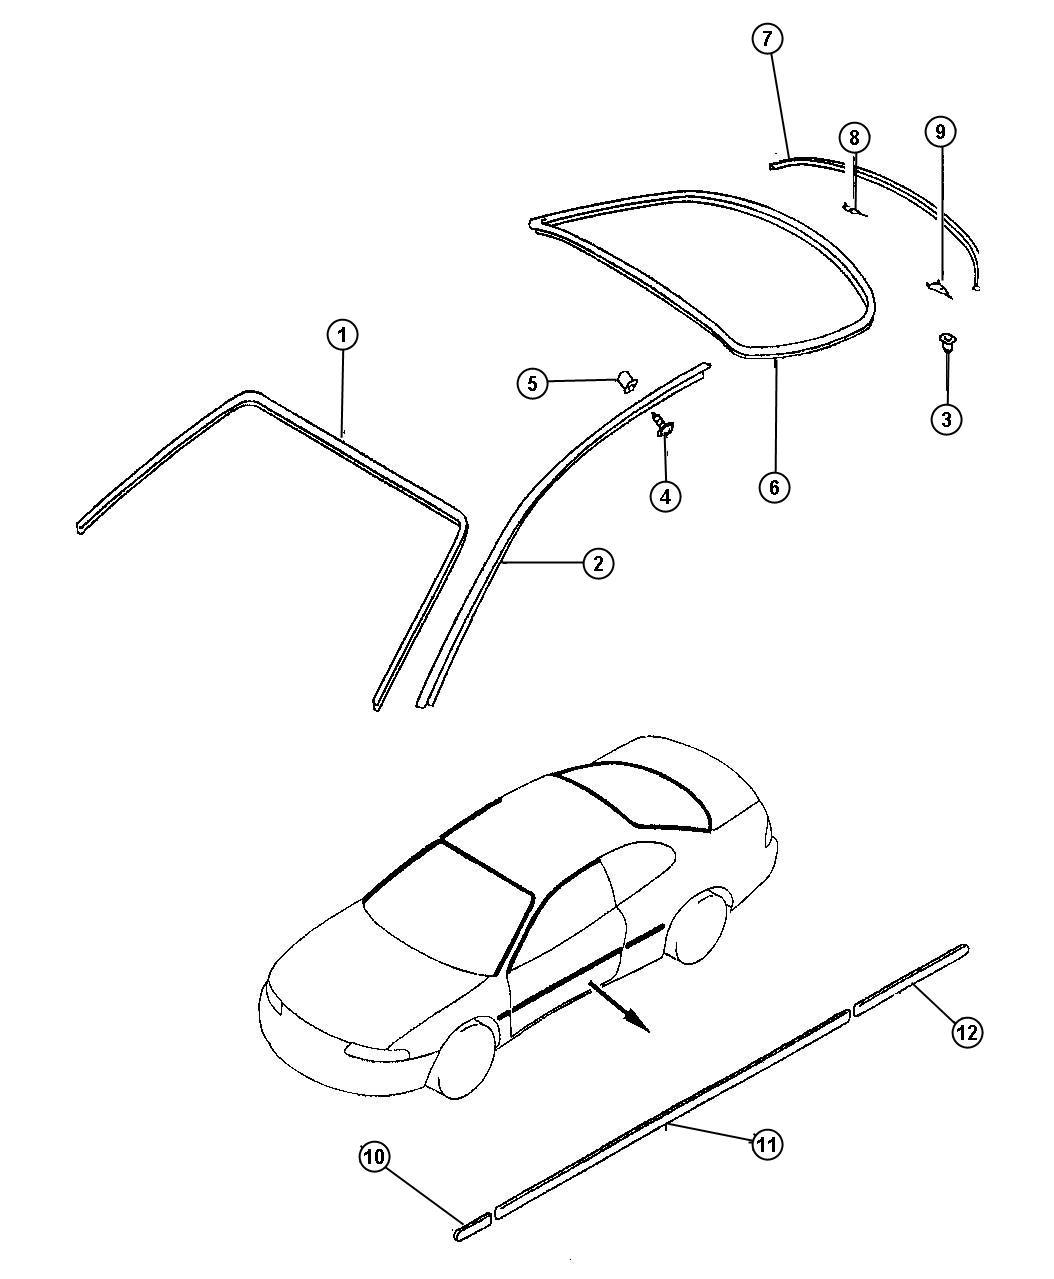 1998 Dodge Avenger Grommet. Tailgate molding. Air spoiler